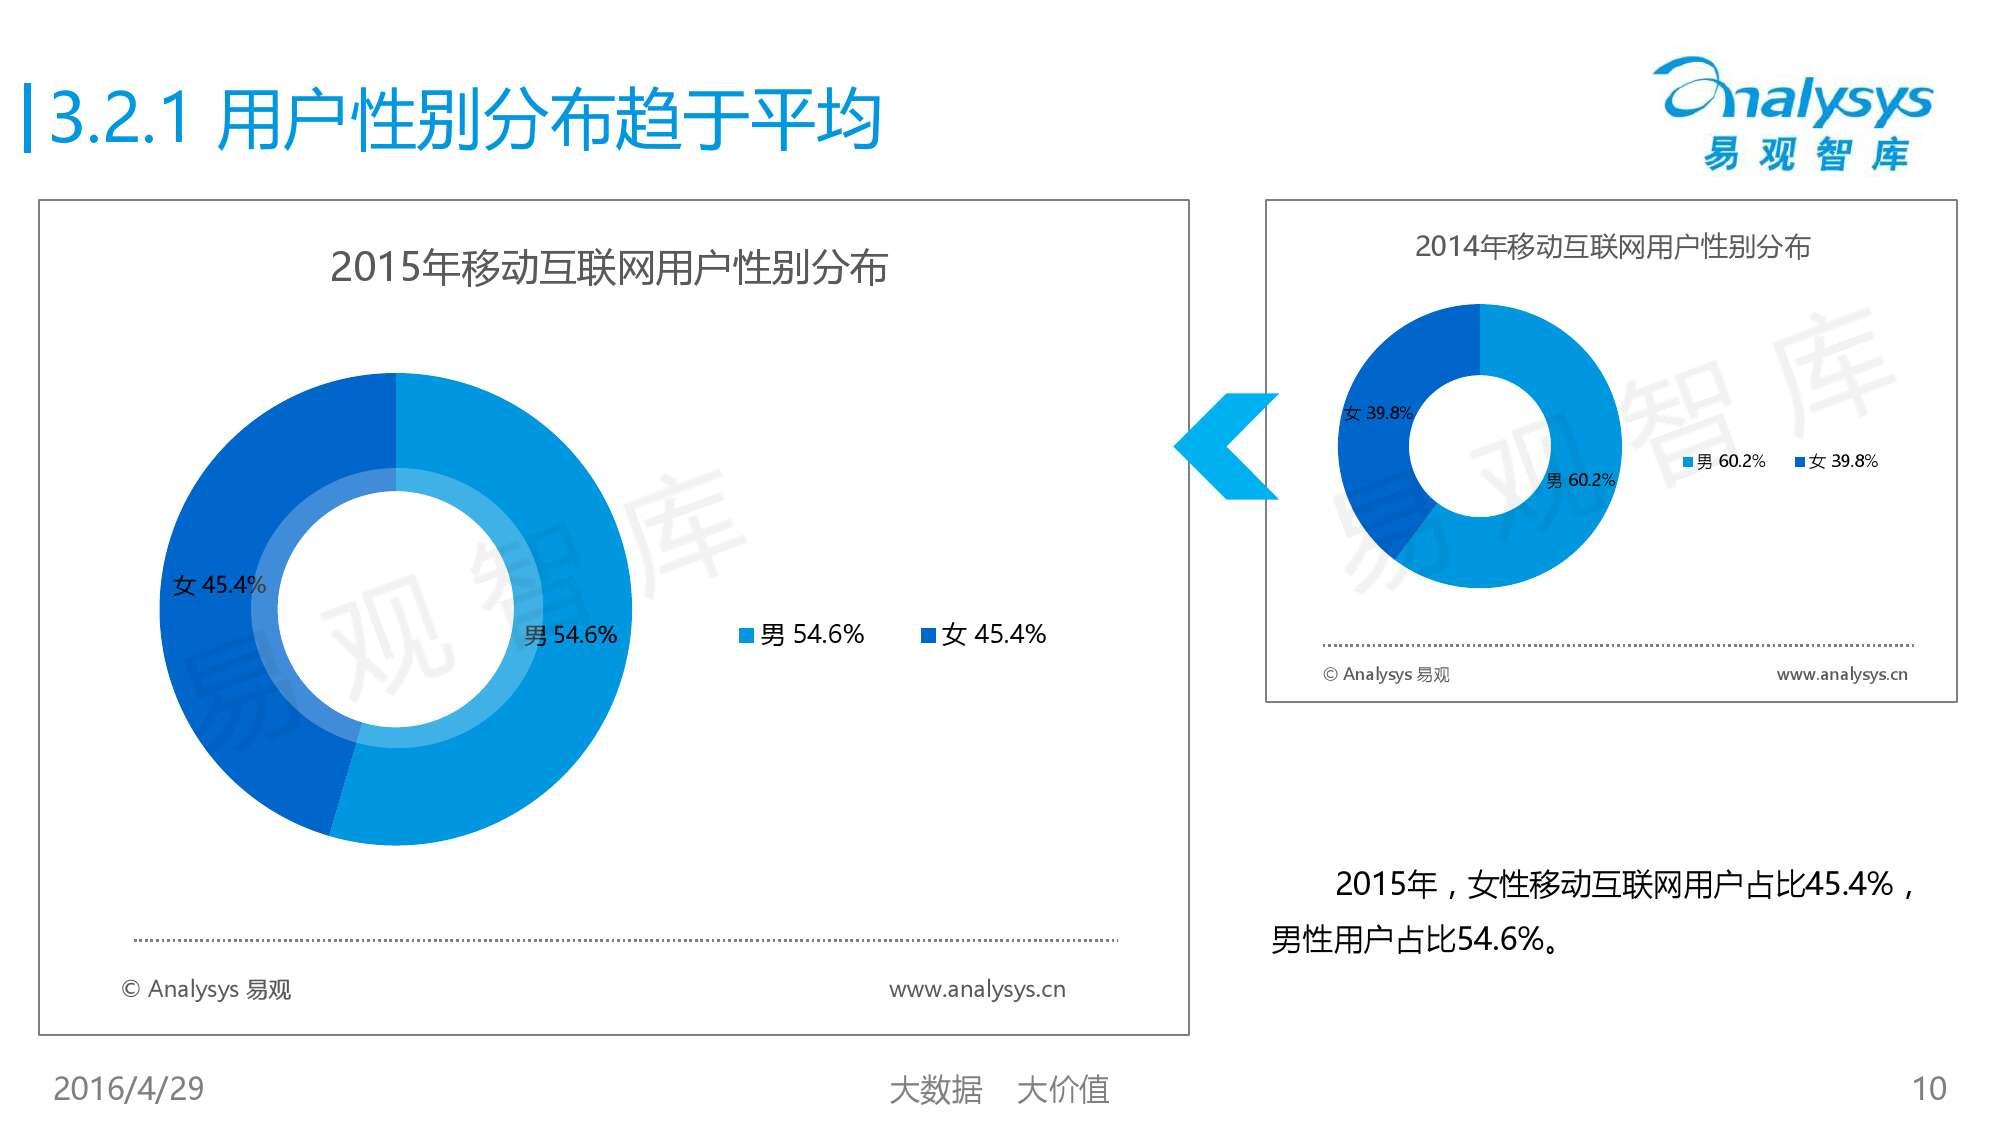 中国移动互联网用户行为统计报告2016_000010